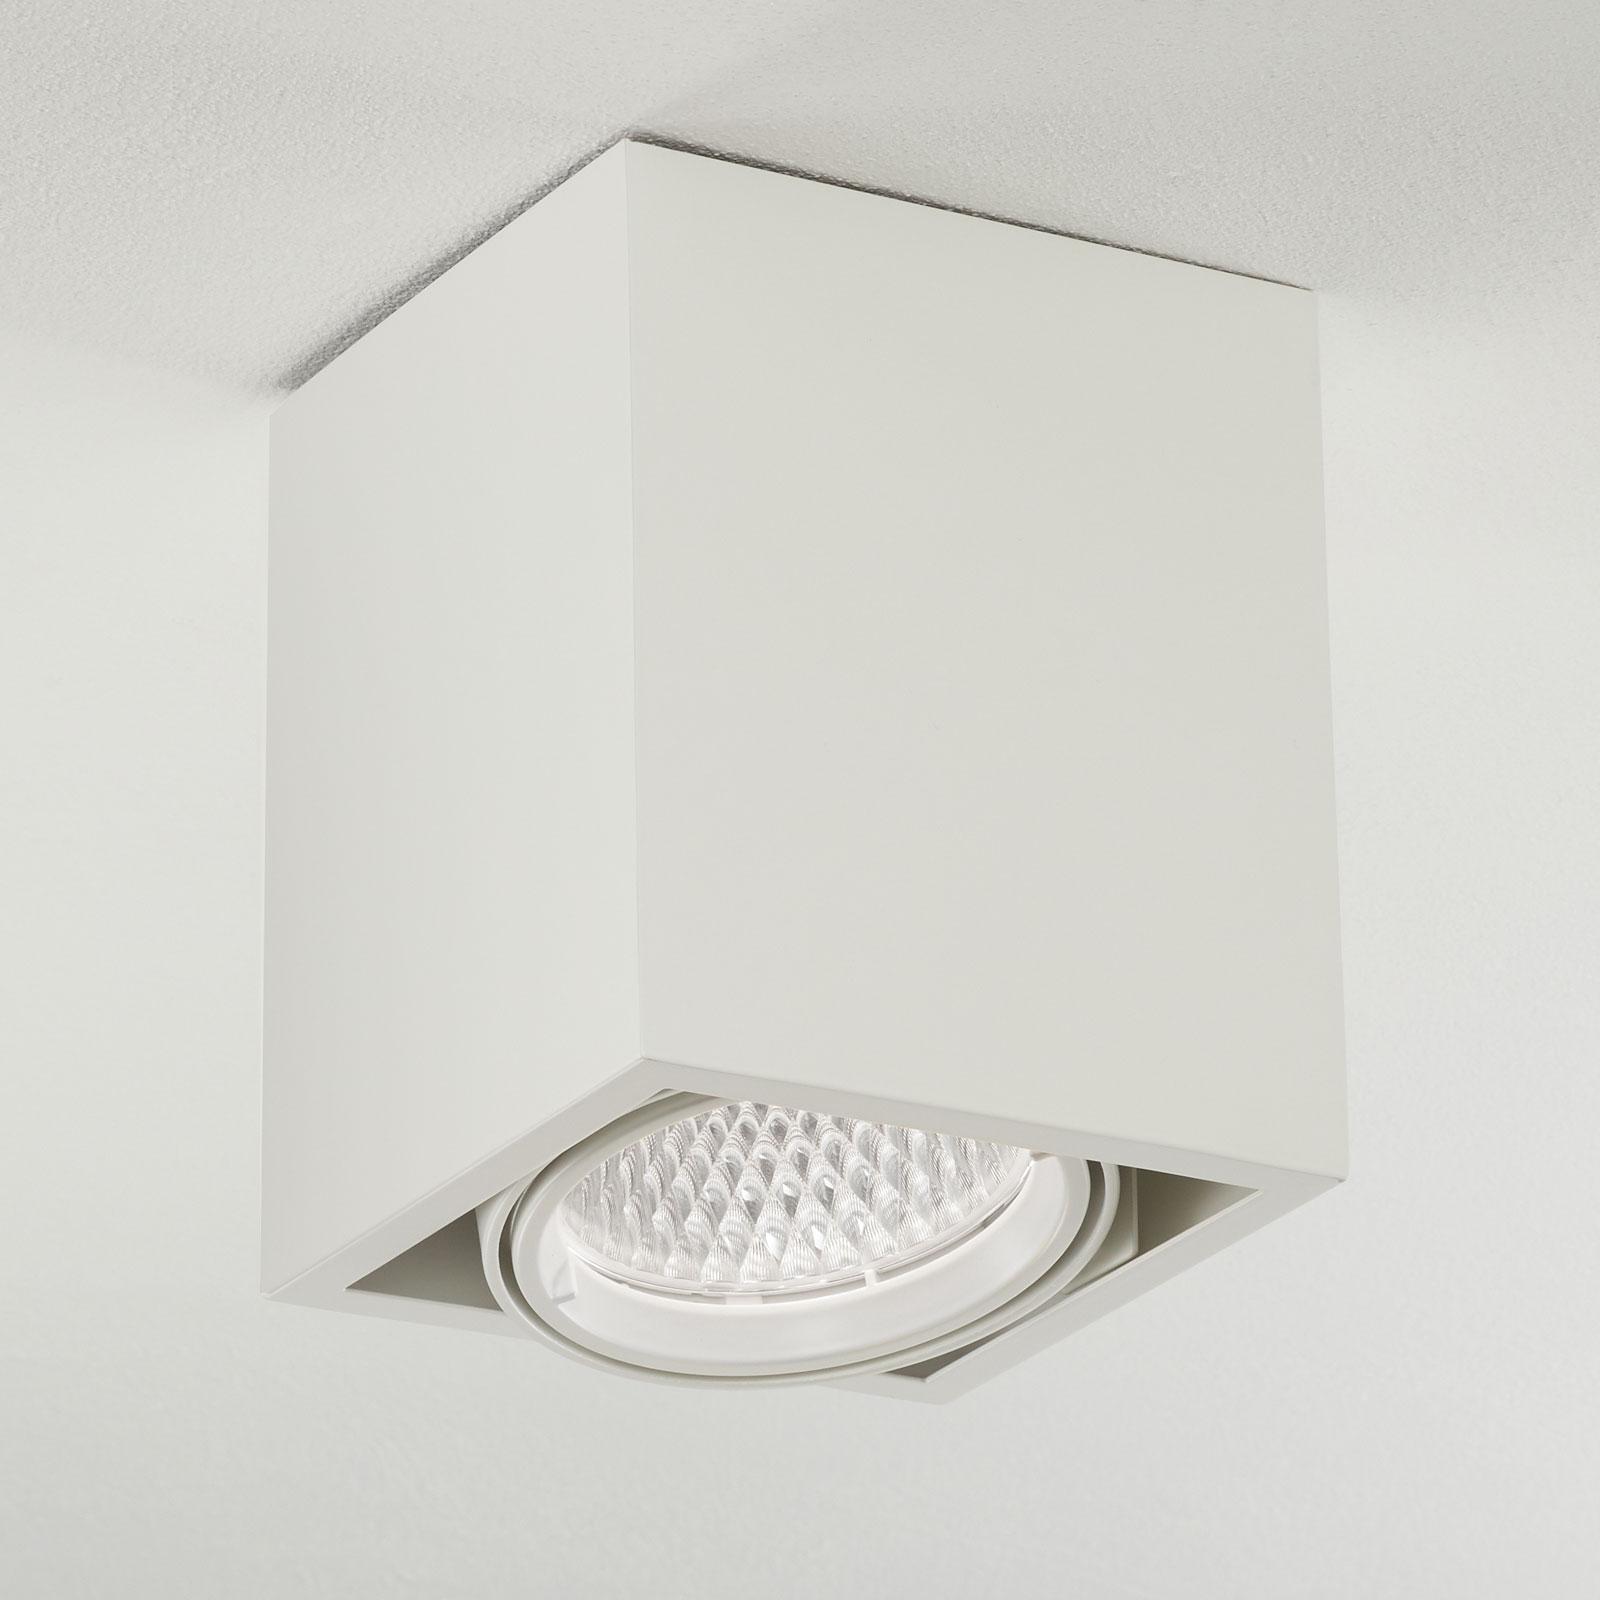 Arcchio Cirdan plafonnier LED à 1 lampe blanc